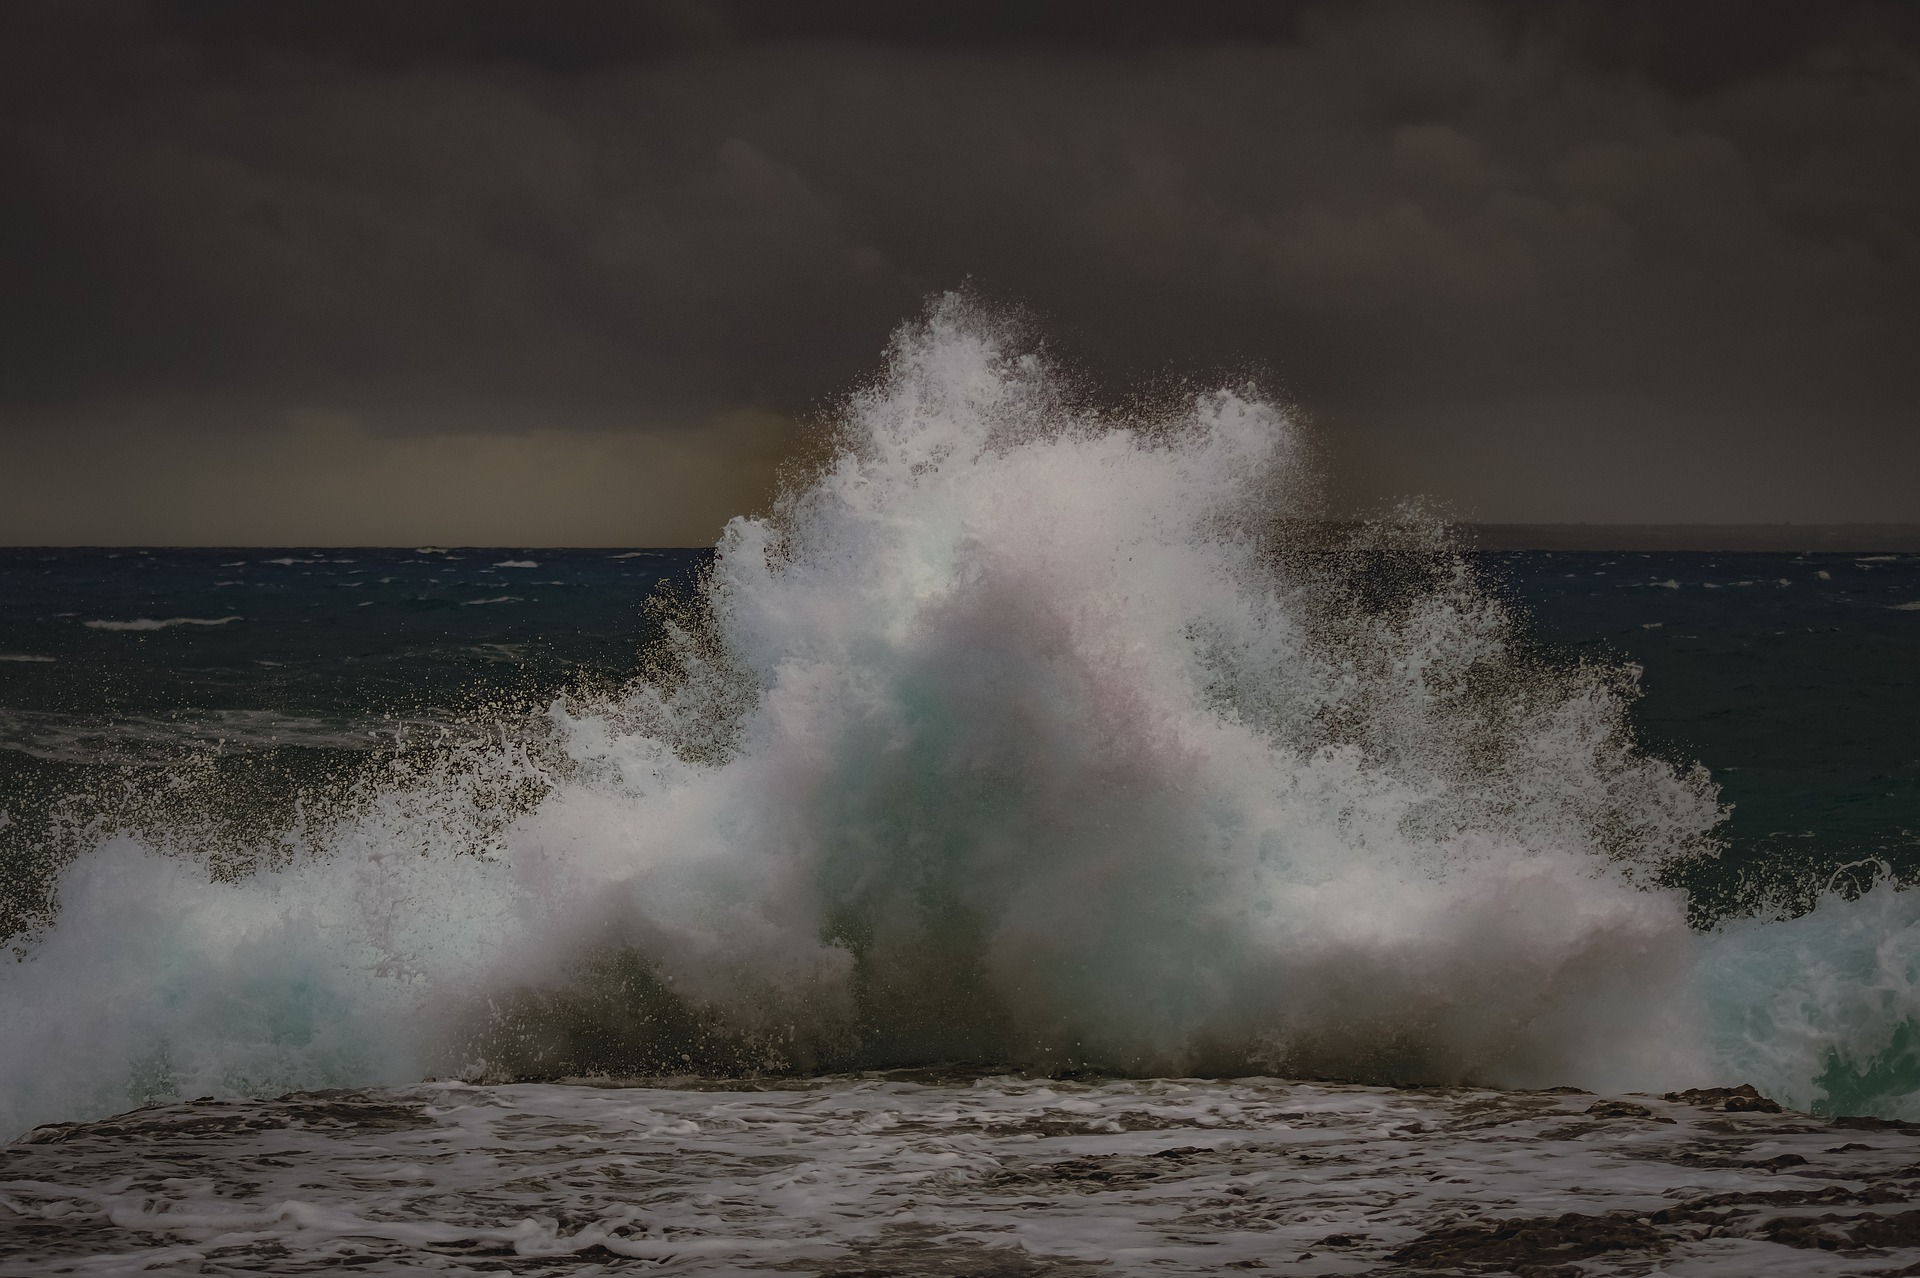 Eine große Welle bricht über der Meer